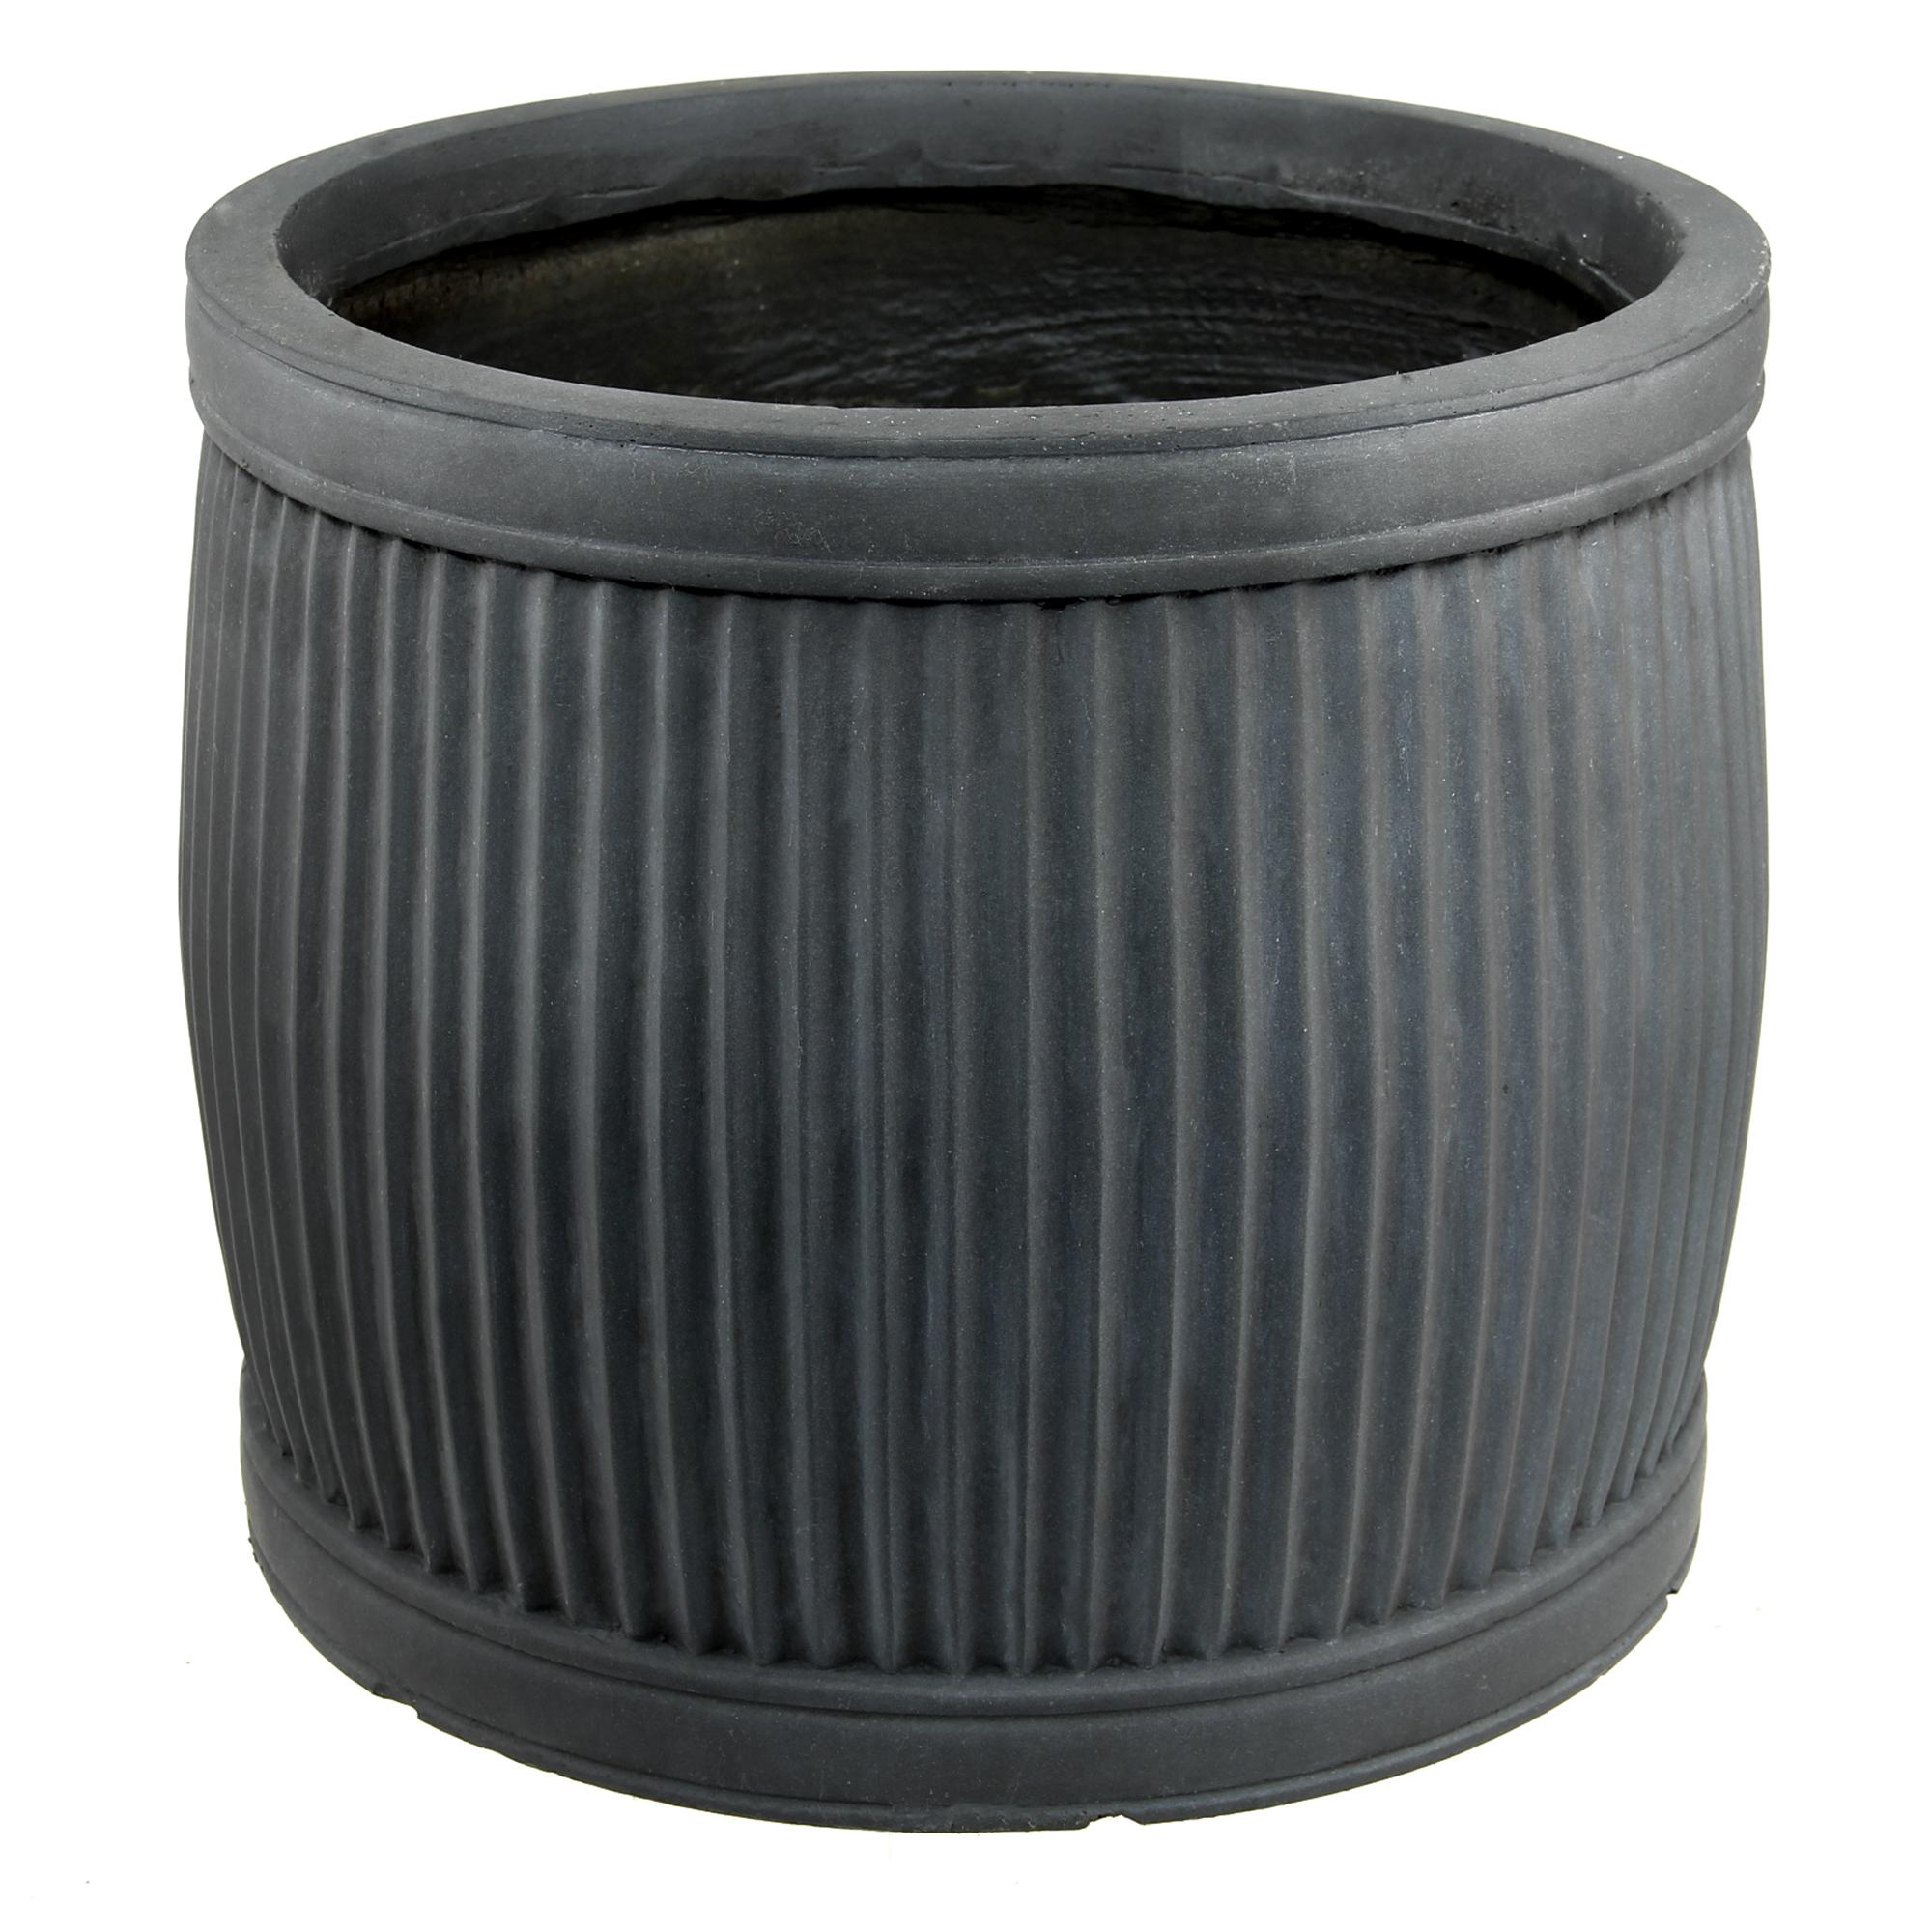 Горшок L&t pottery для цветов lt бочка ребристый серый 54 см фото